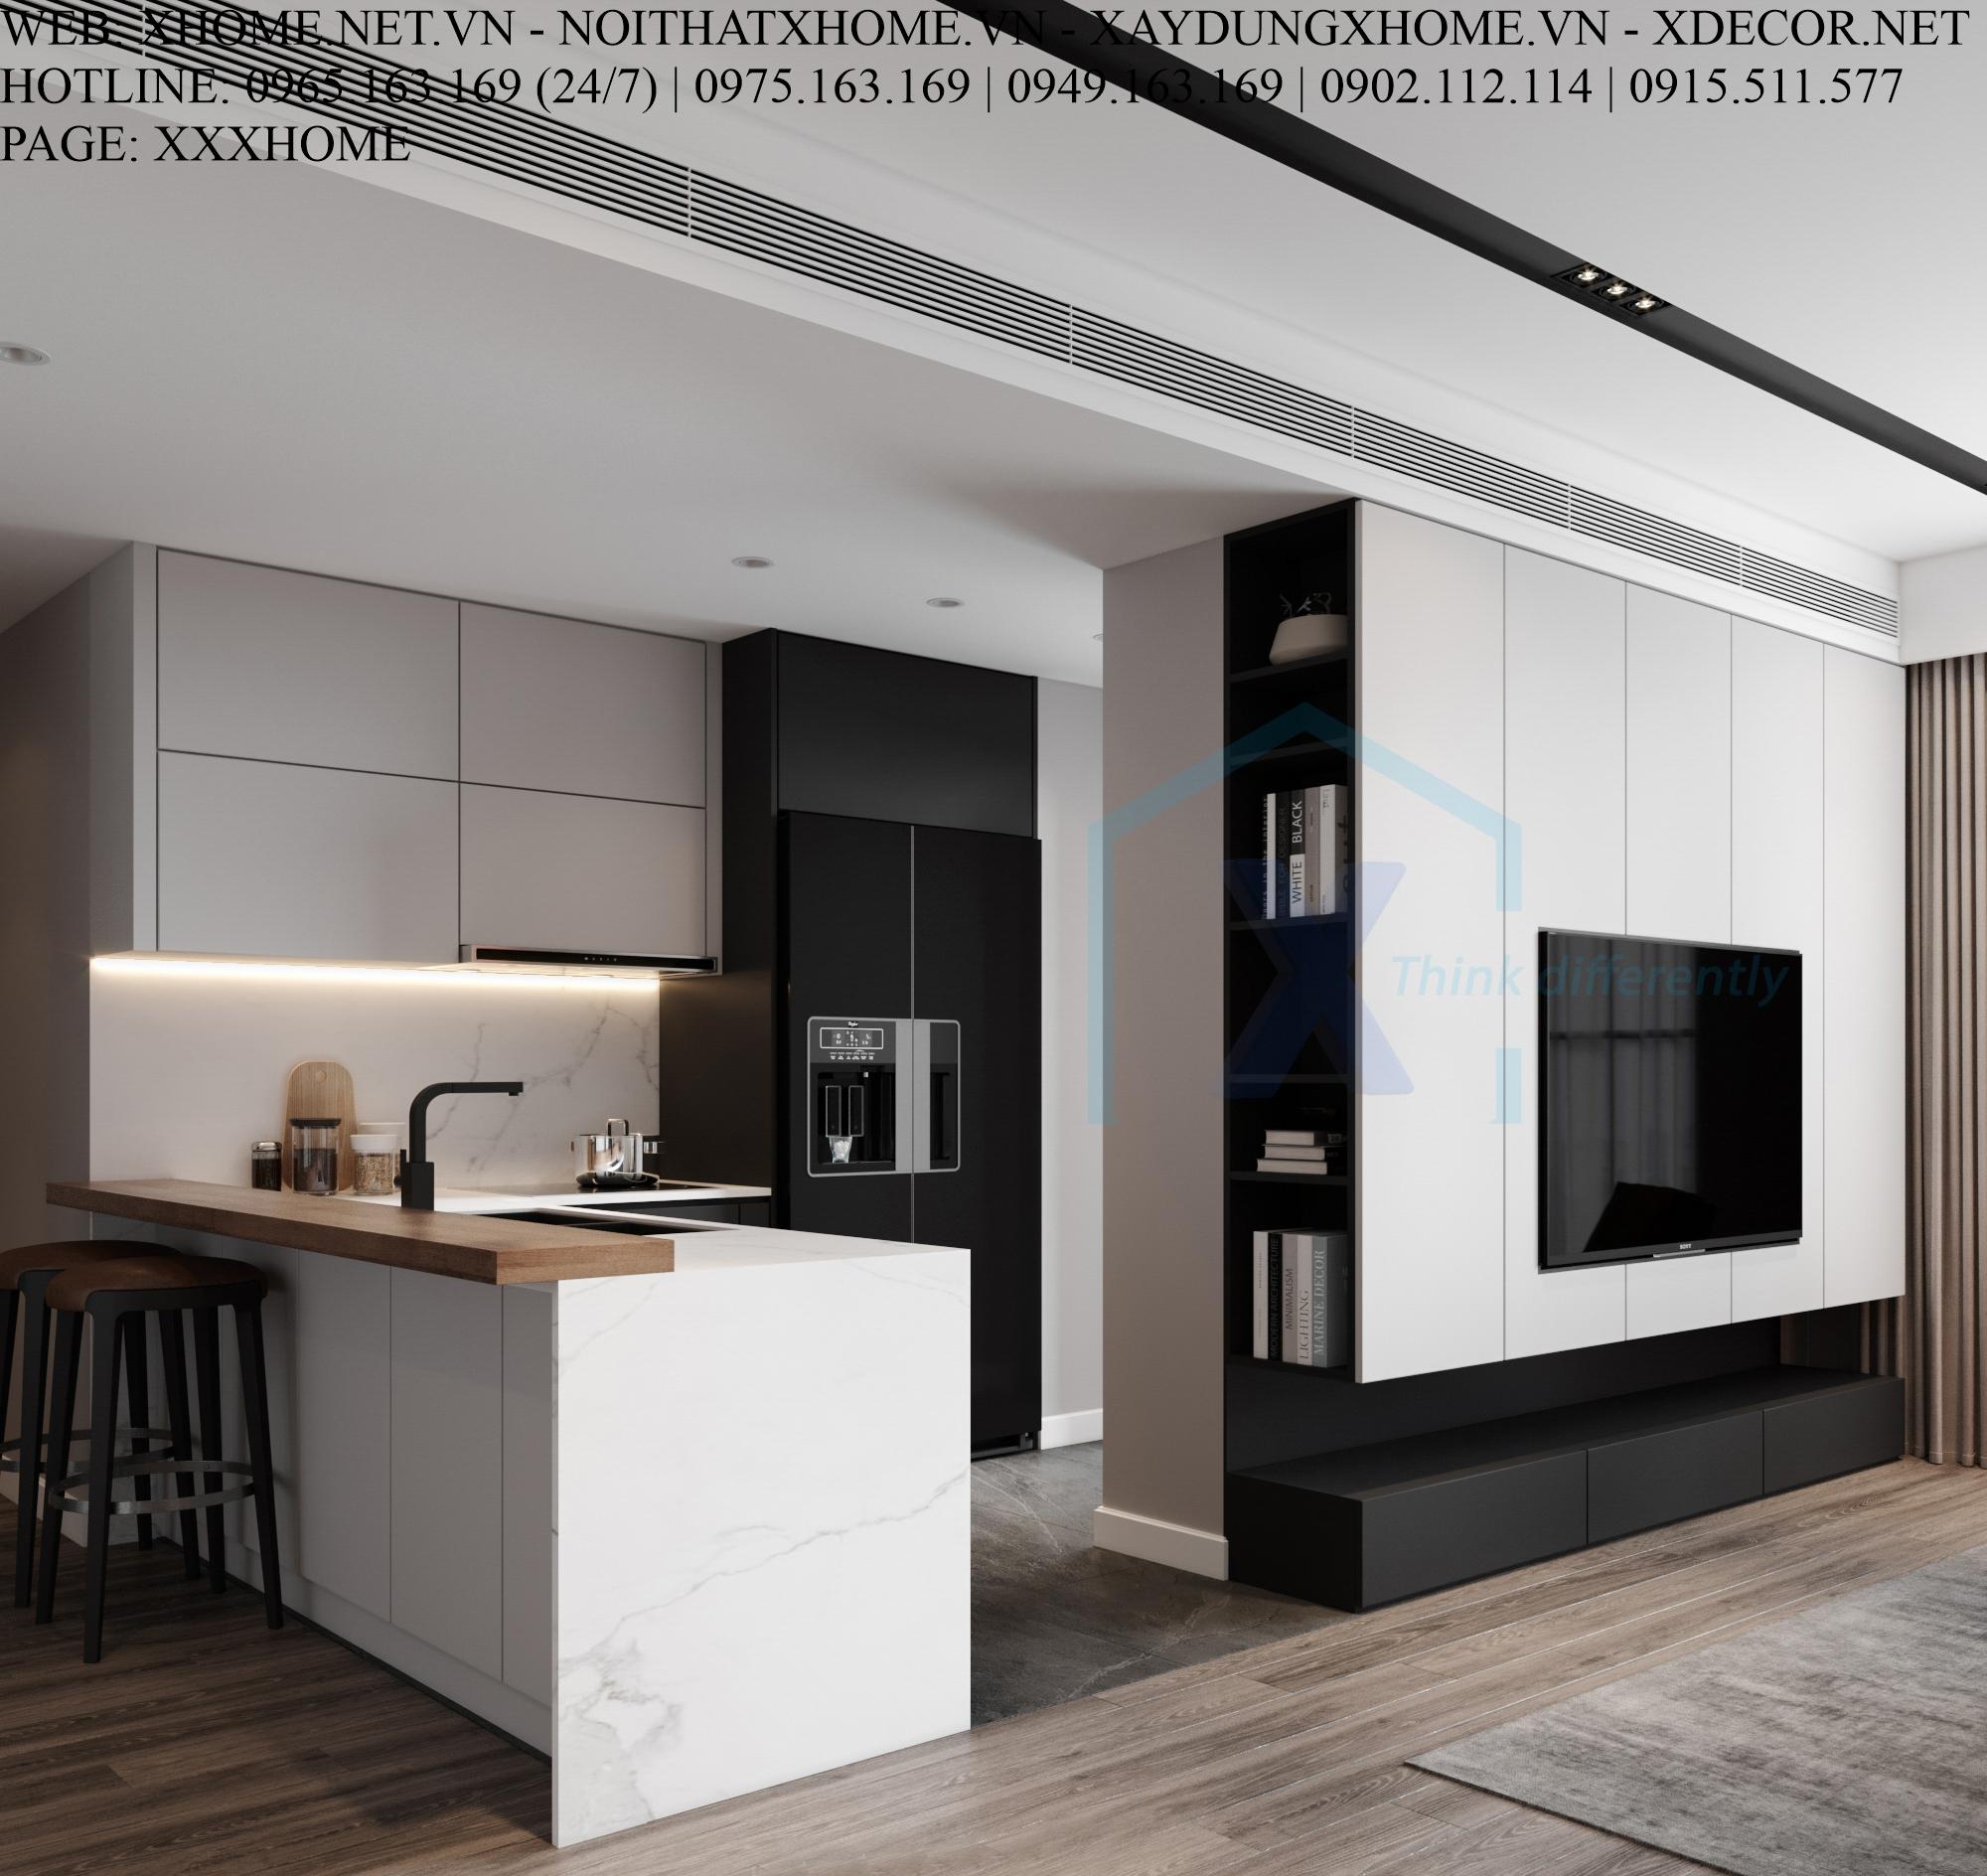 X HOME THIẾT KẾ CĂN HỘ CHUNG CƯ THE EMERALD CT8 MY DINH 140 M2